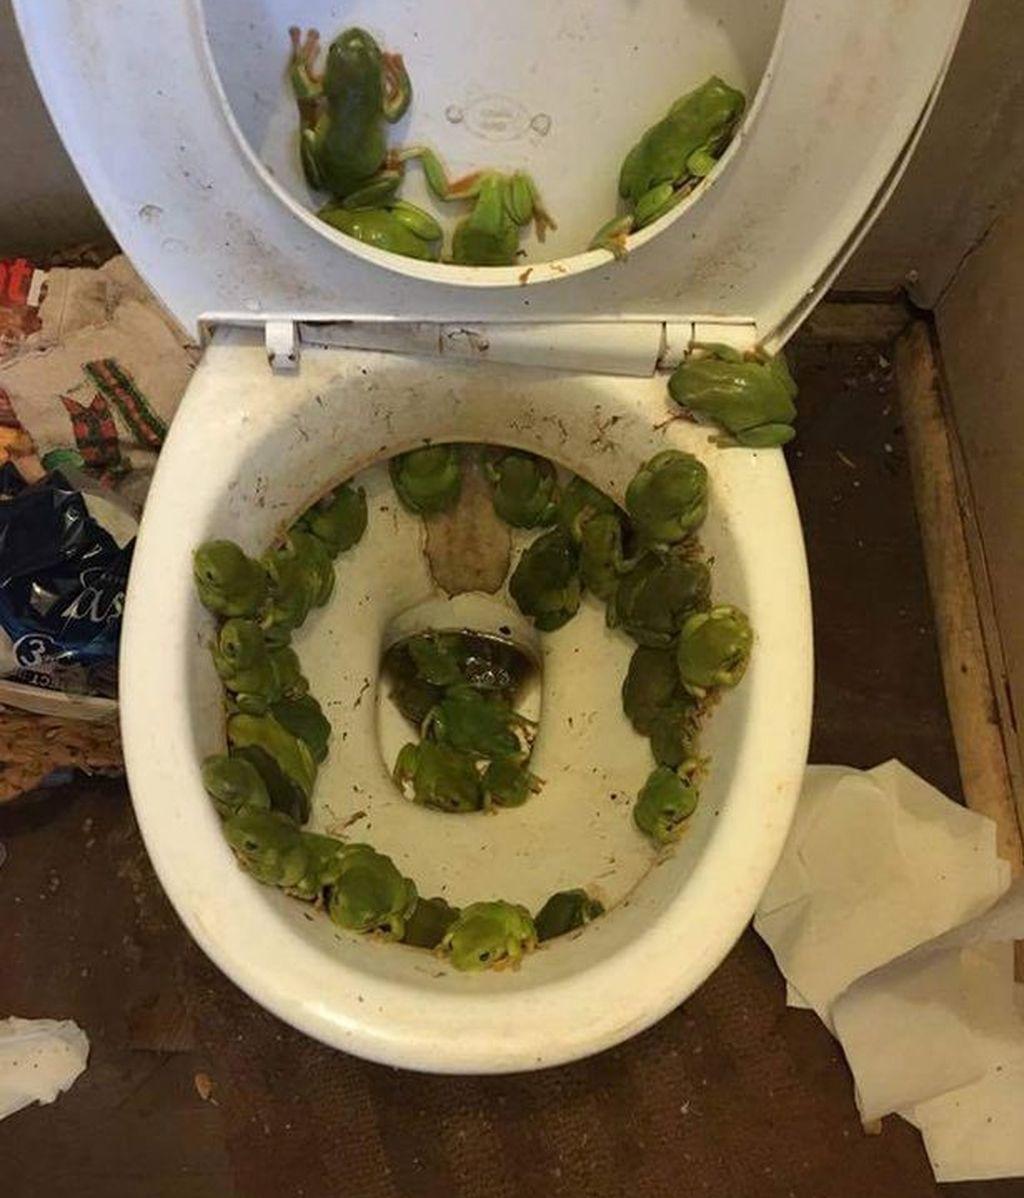 Un inodoro infestado de ranas